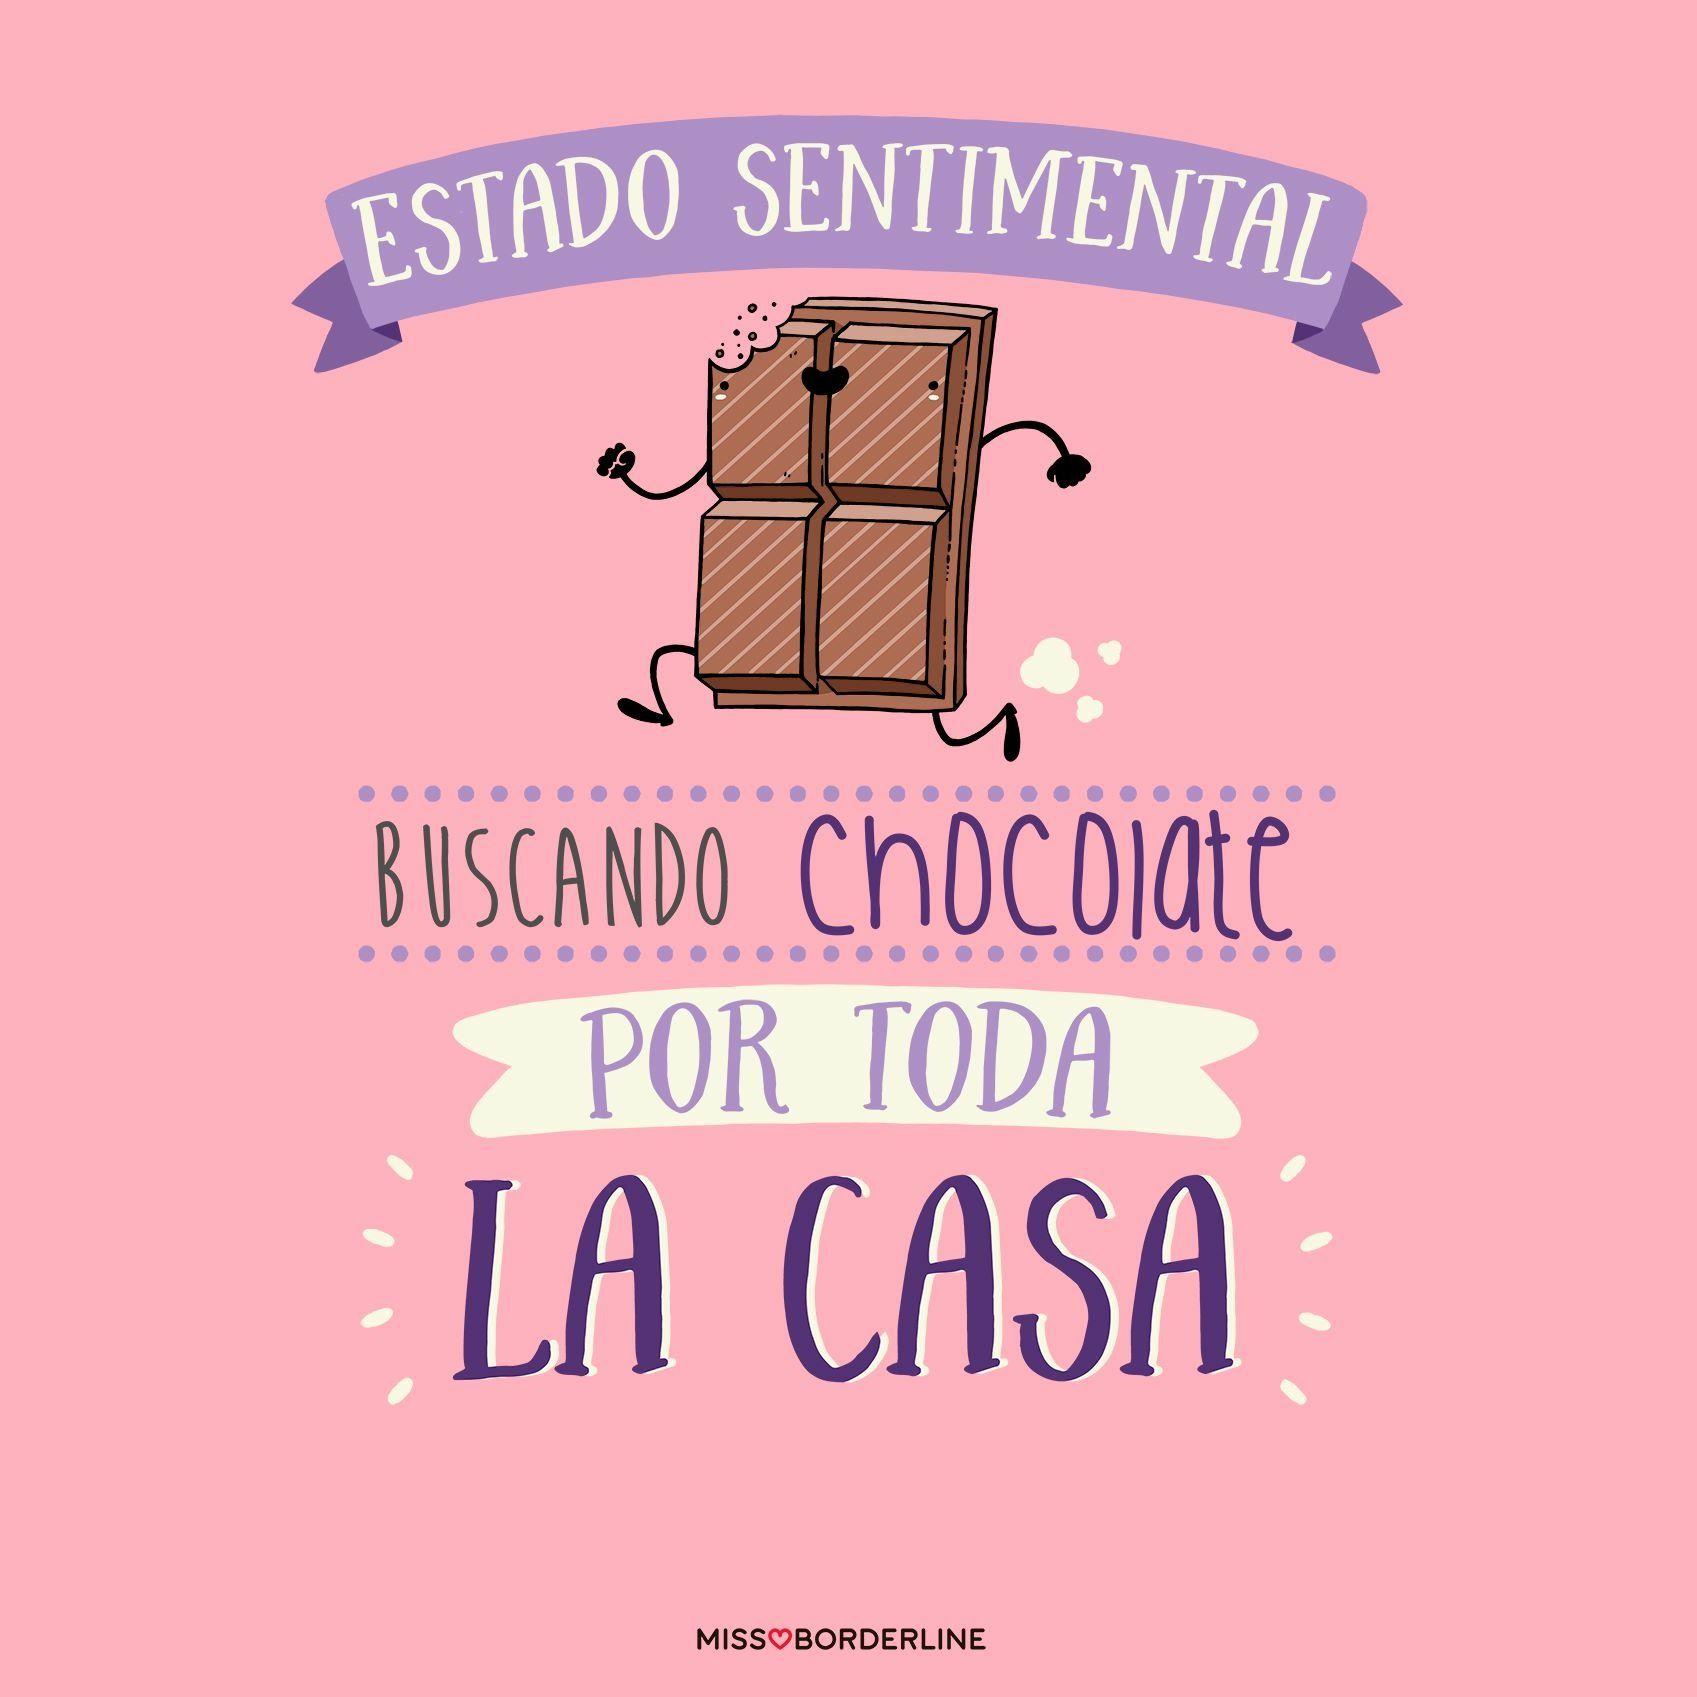 Estado Sentimental Buscando Chocolate Por Toda La Casa